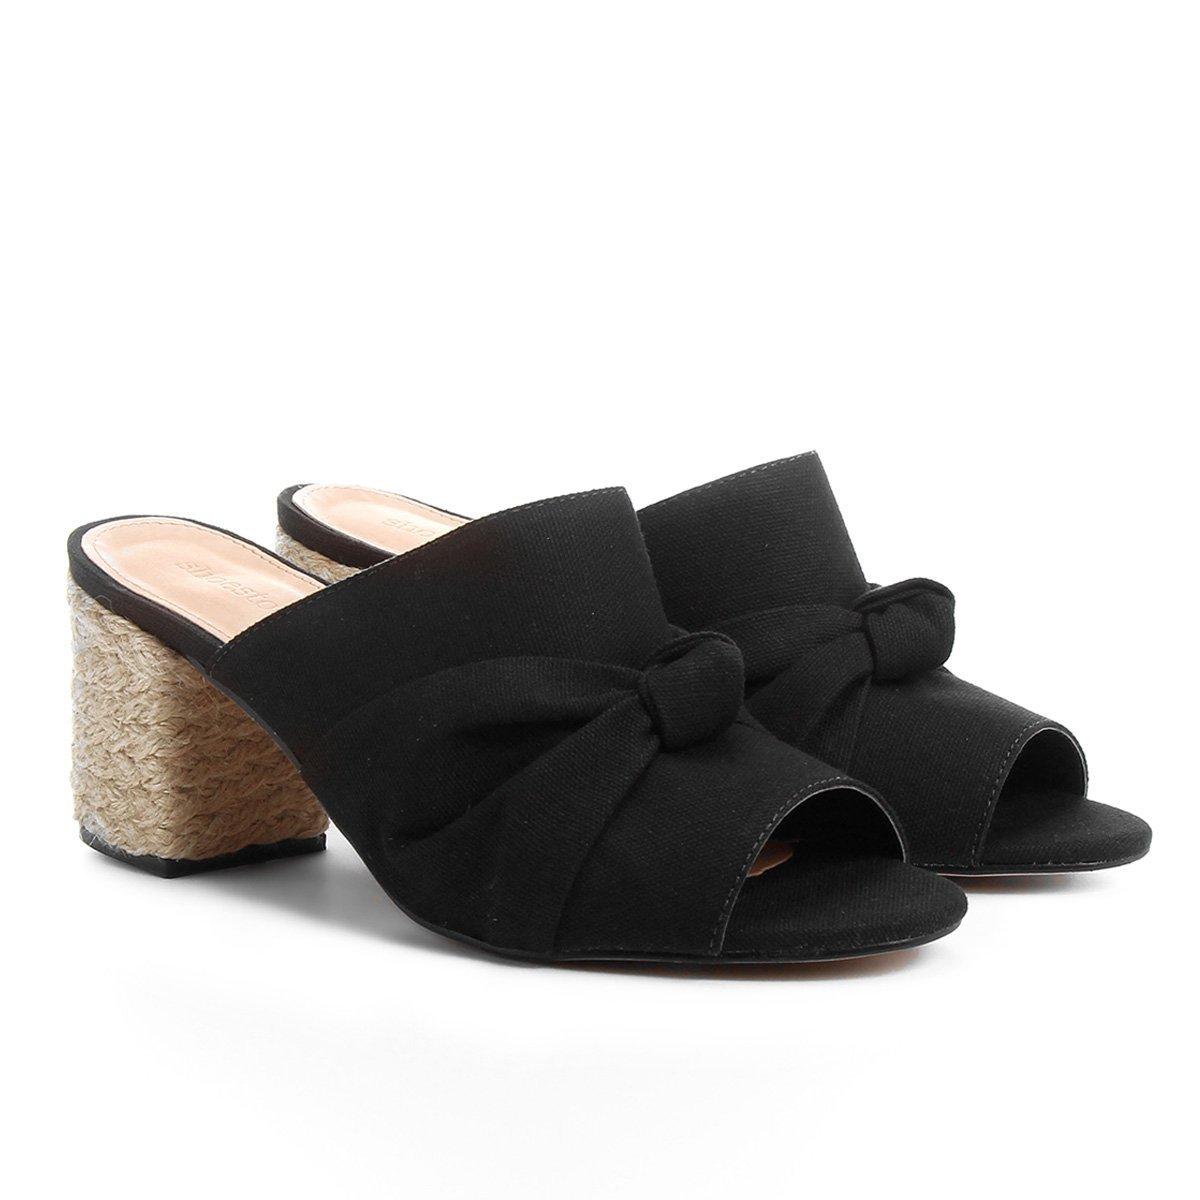 1aadbf628 Tamanco Shoestock Salto Grosso Nó Feminino - Compre Agora